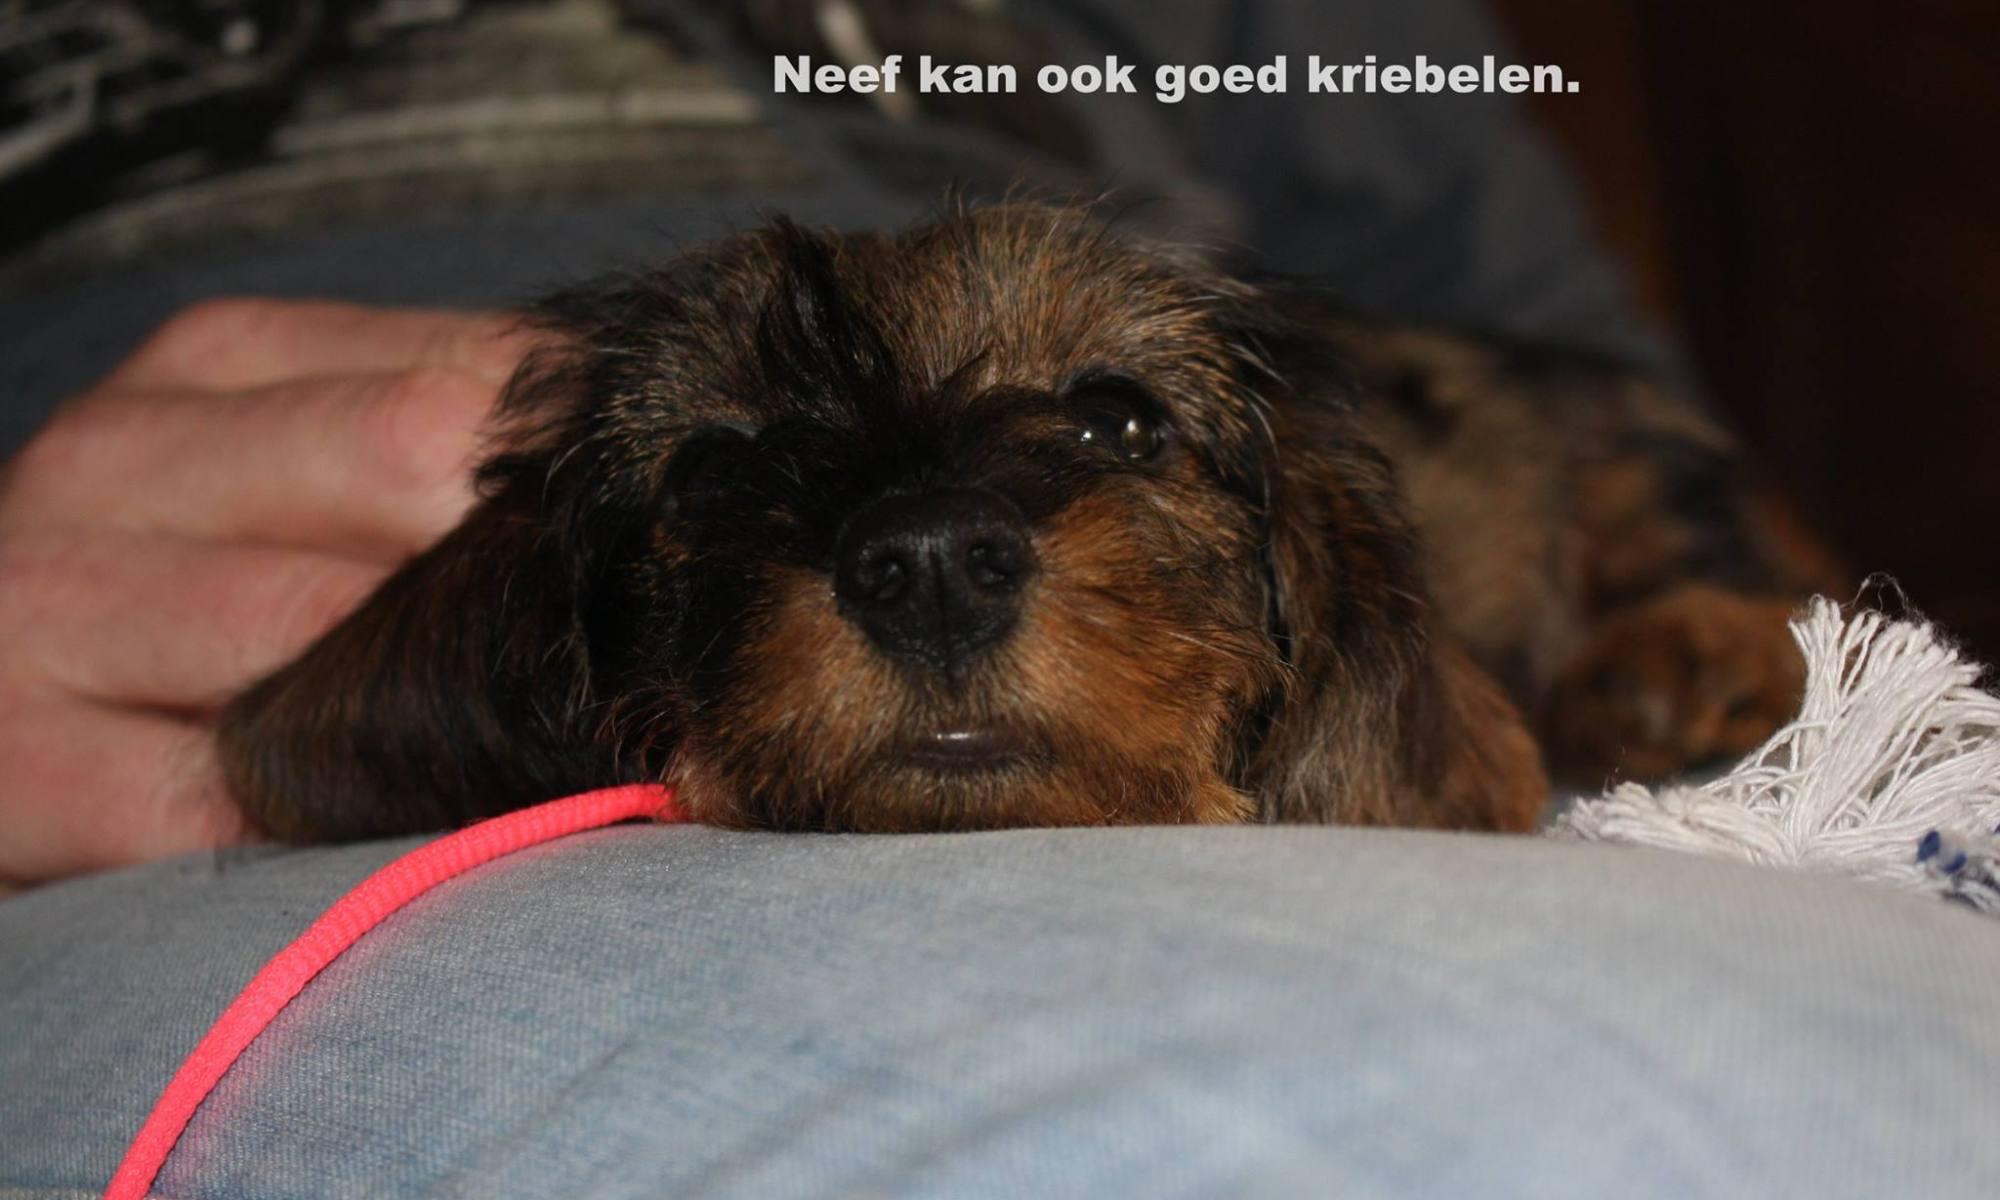 Kaatje Pagina 7 Meneertje Jansen